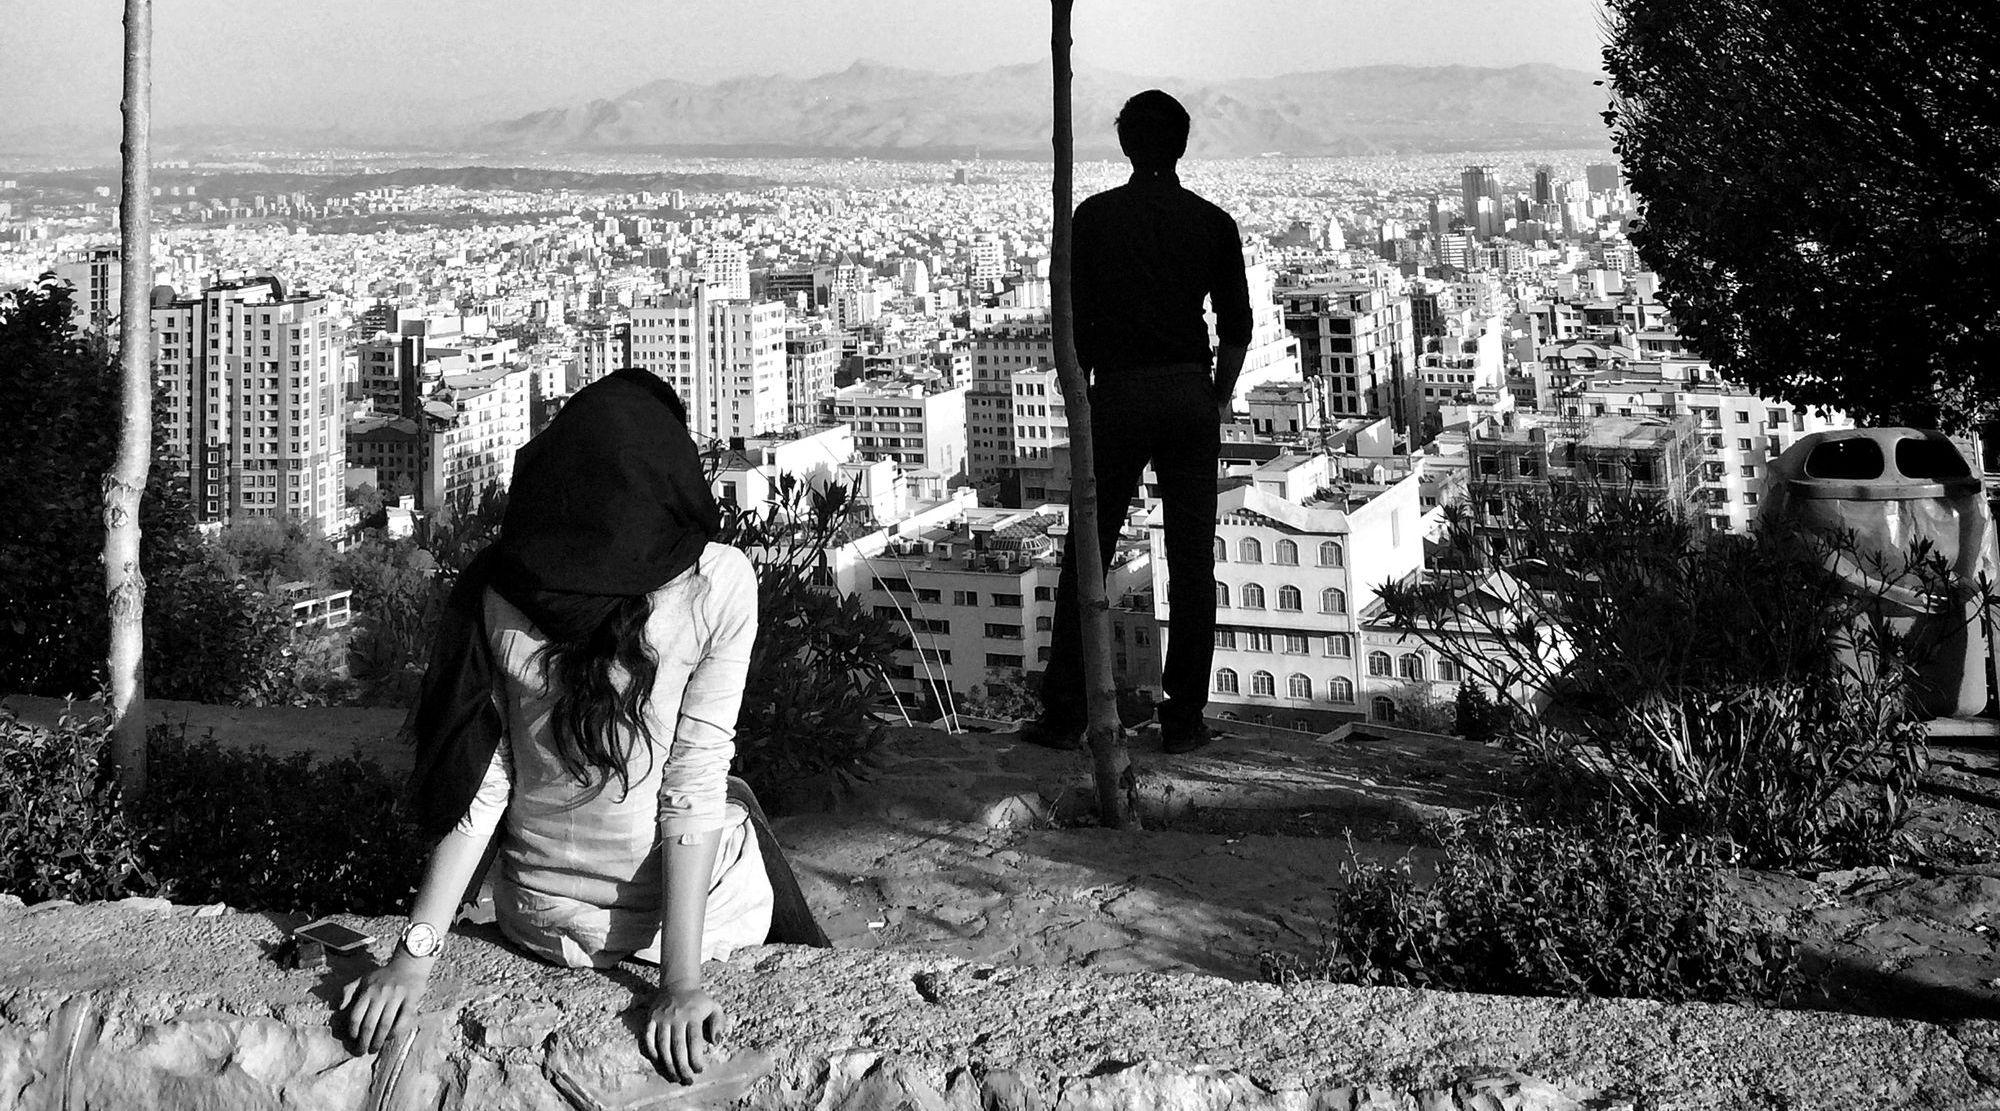 Tehran, City of Hope and Despair